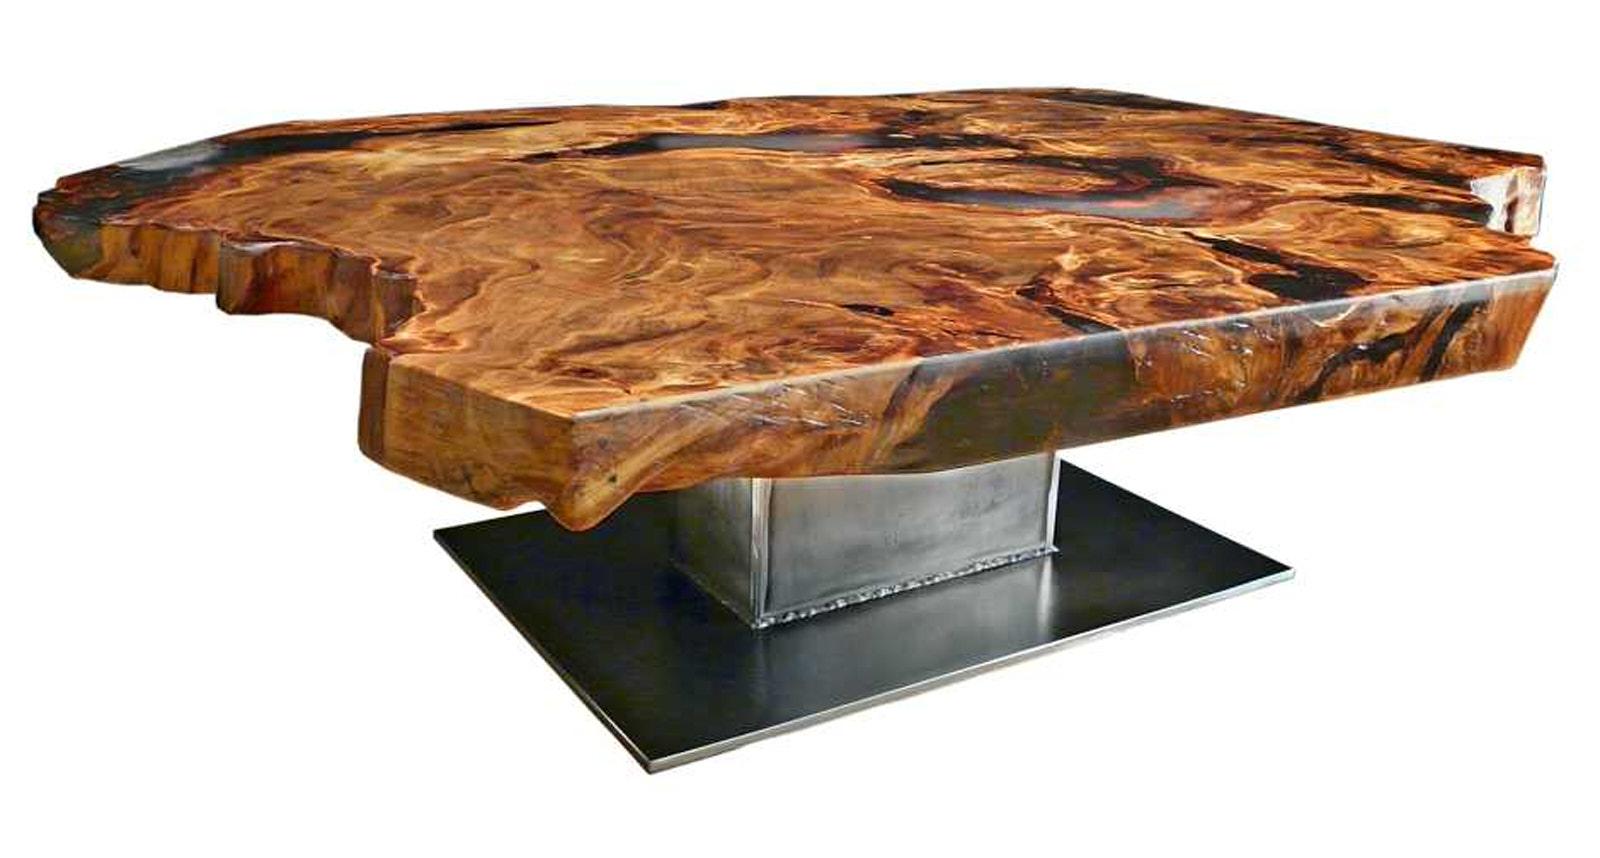 Exklusiver Designer Couchtisch mit Epoxidharz aus Kauri Wurzelholz ein unvergleichliches Unikat mit besonderer Tischplatte